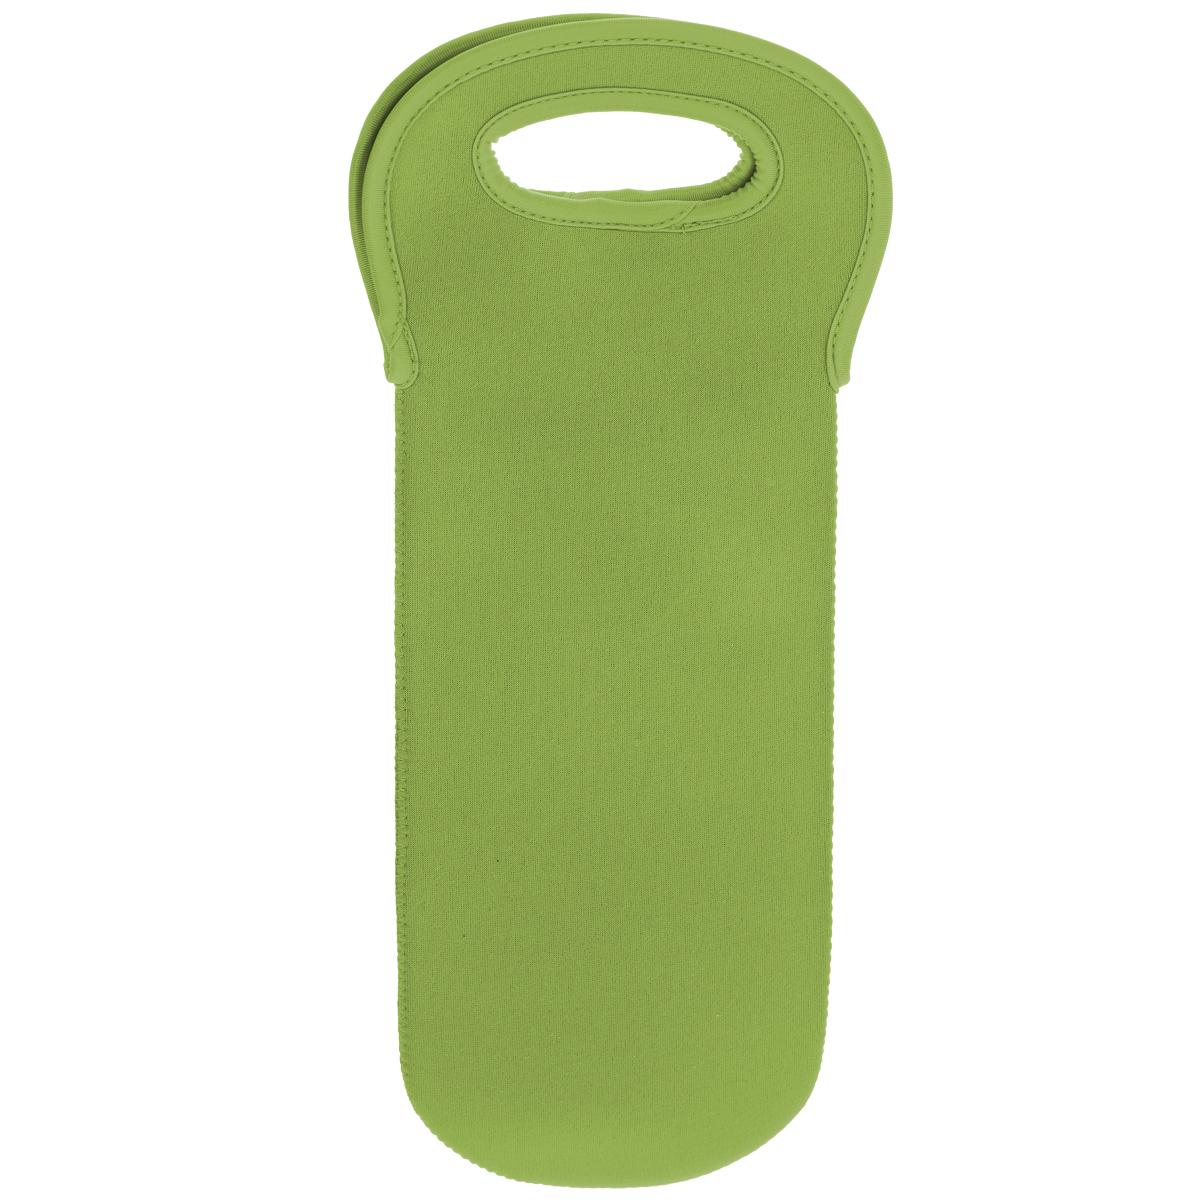 Держатель для бутылки Premier Housewares, цвет: зеленый115510Держатель для бутылки Premier Housewares выполнен из неопрена зеленого цвета. Неопрен - гибкий, но прочный материал. Он защитит бутылку от повреждений и надолго сохранит напиток холодным. Держатель оснащен двумя ручками для удобной переноски. Держатель для бутылки Premier Housewares незаменим для пикников, барбекю и путешествий. С таким ярким и удобным аксессуаром вы всегда сможете взять вино с собой! Характеристики: Материал: неопрен. Цвет: зеленый. Размер держателя: 38 см х 13 см. Артикул: 0806545.